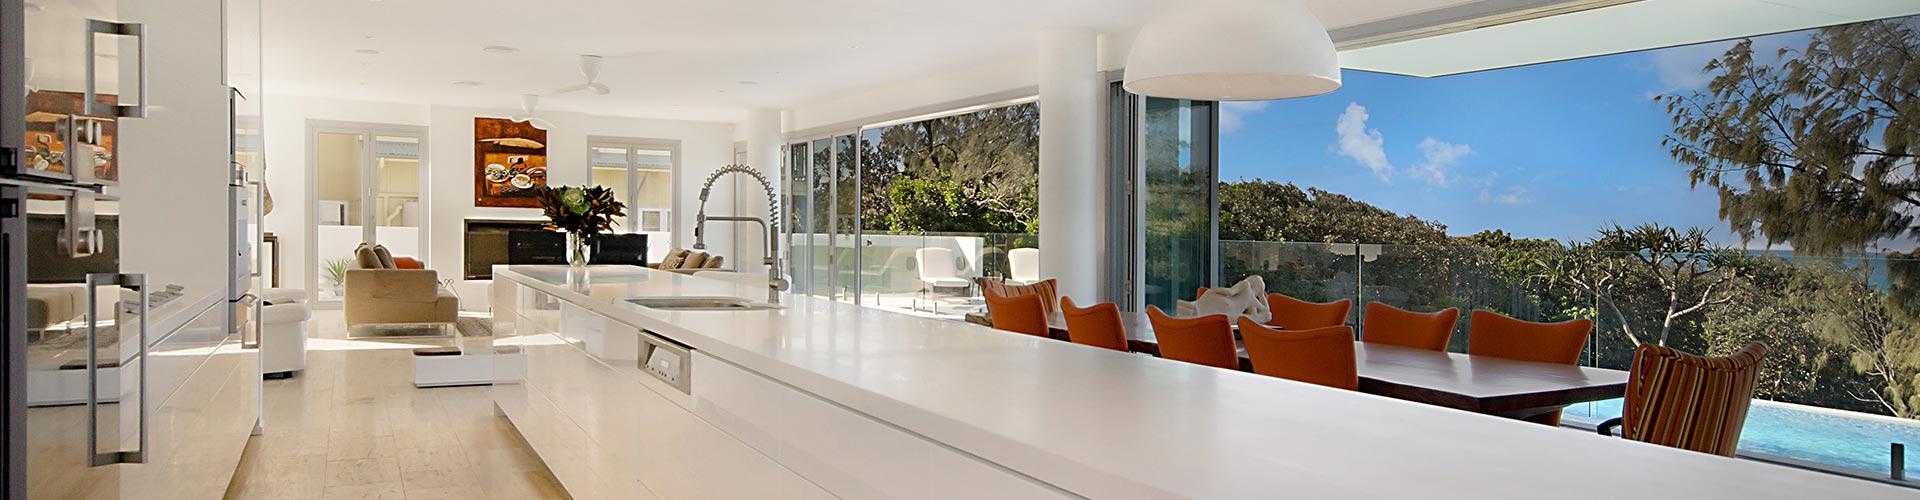 cabinetry solutions indoor outdoor kitchen hero image